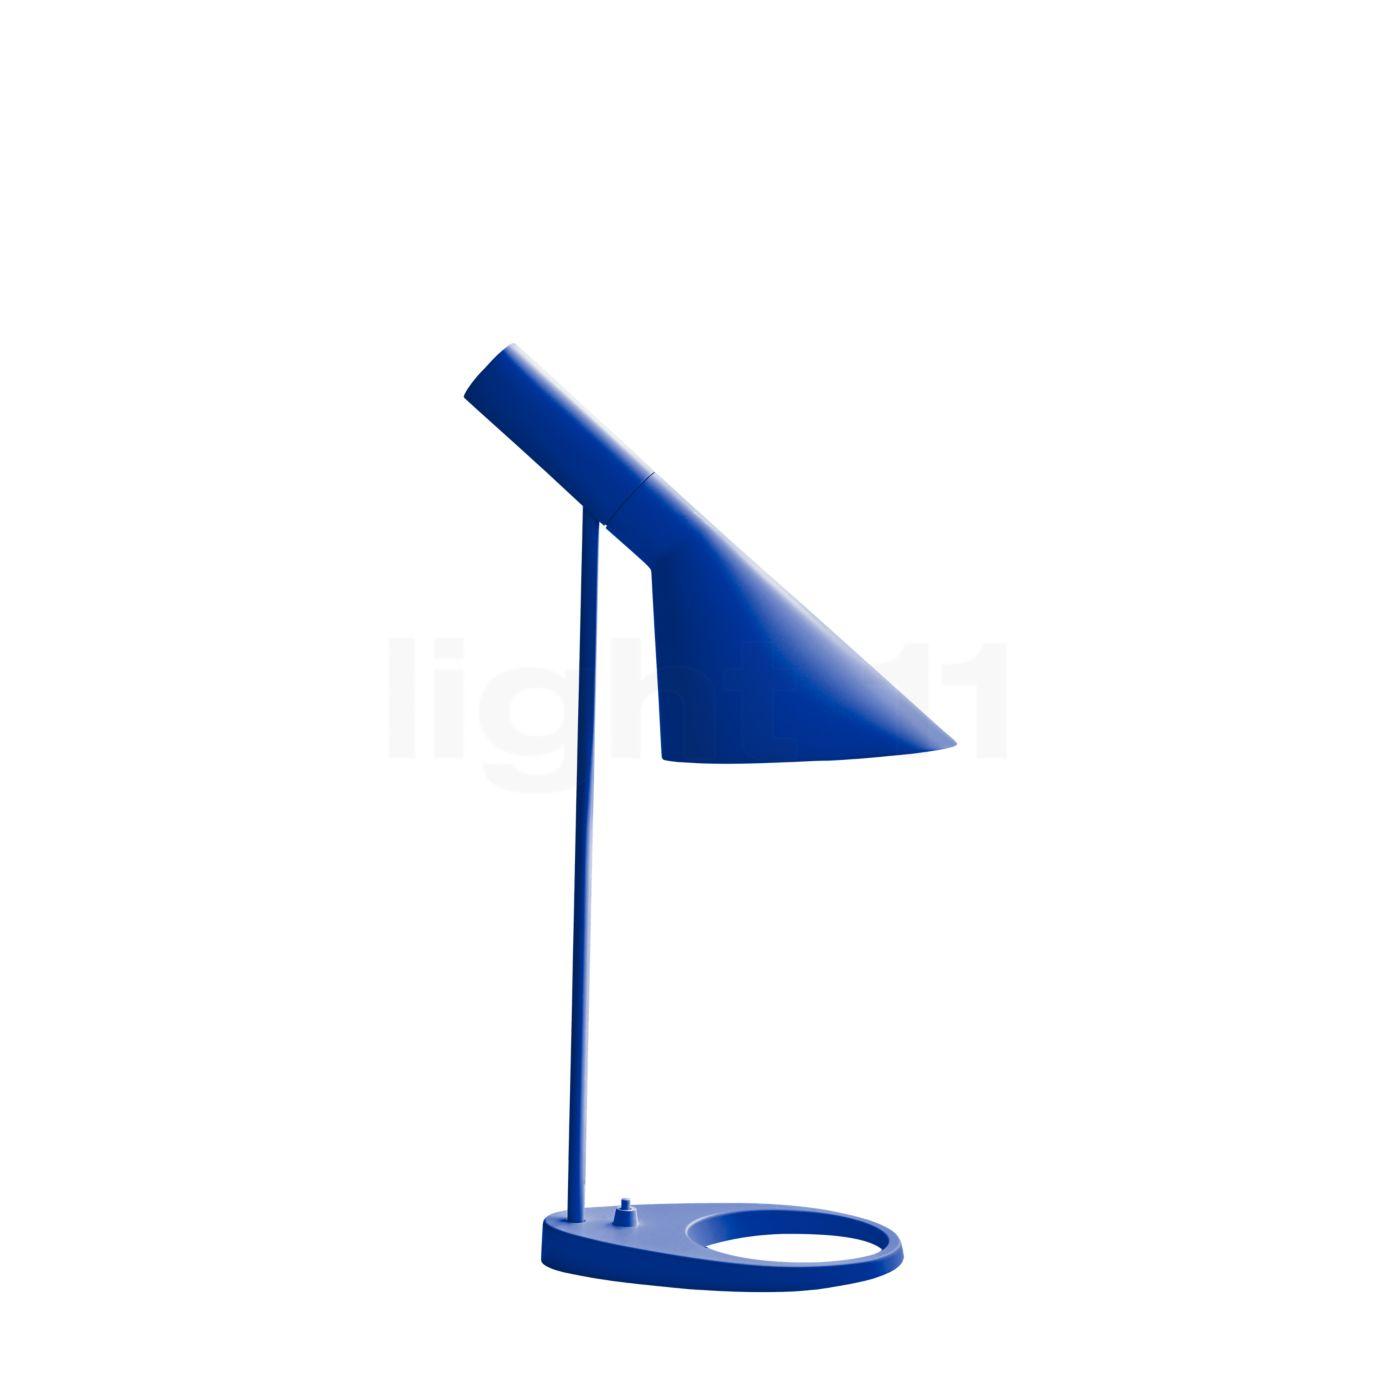 Louis Poulsen AJ Mini Lampe de table, Ultra Blue